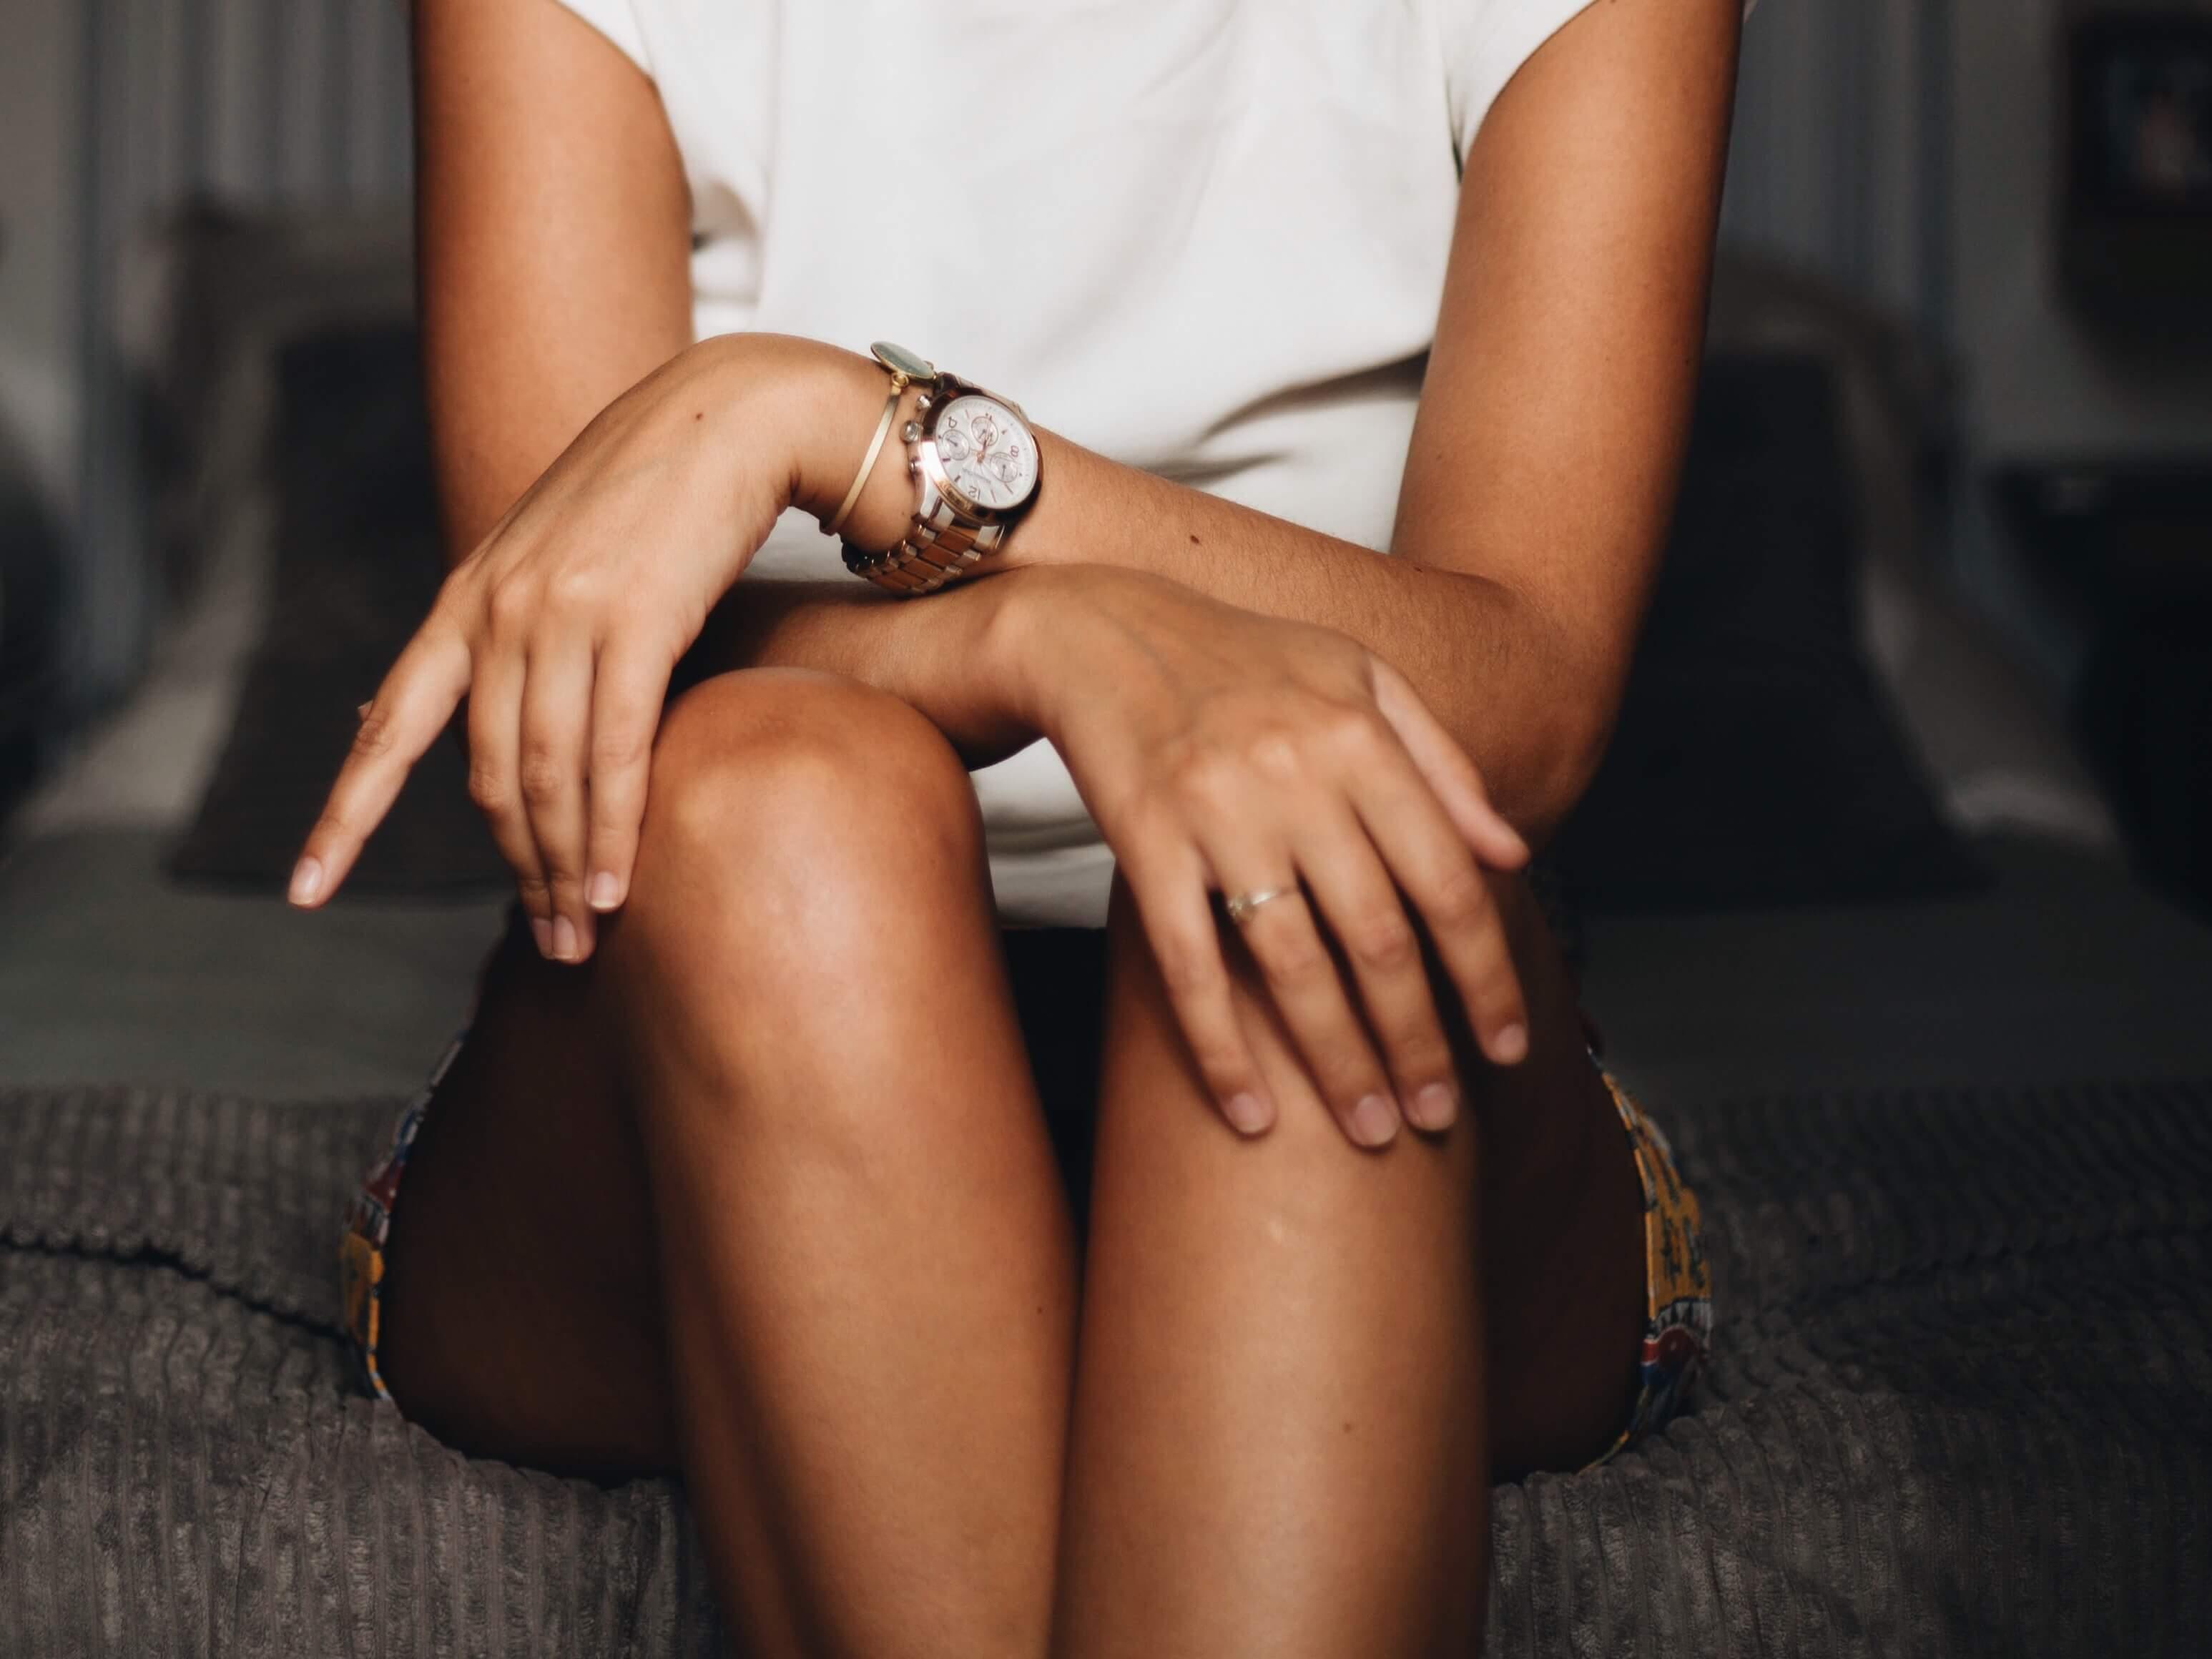 椅子に座って膝の上で手を組む女性